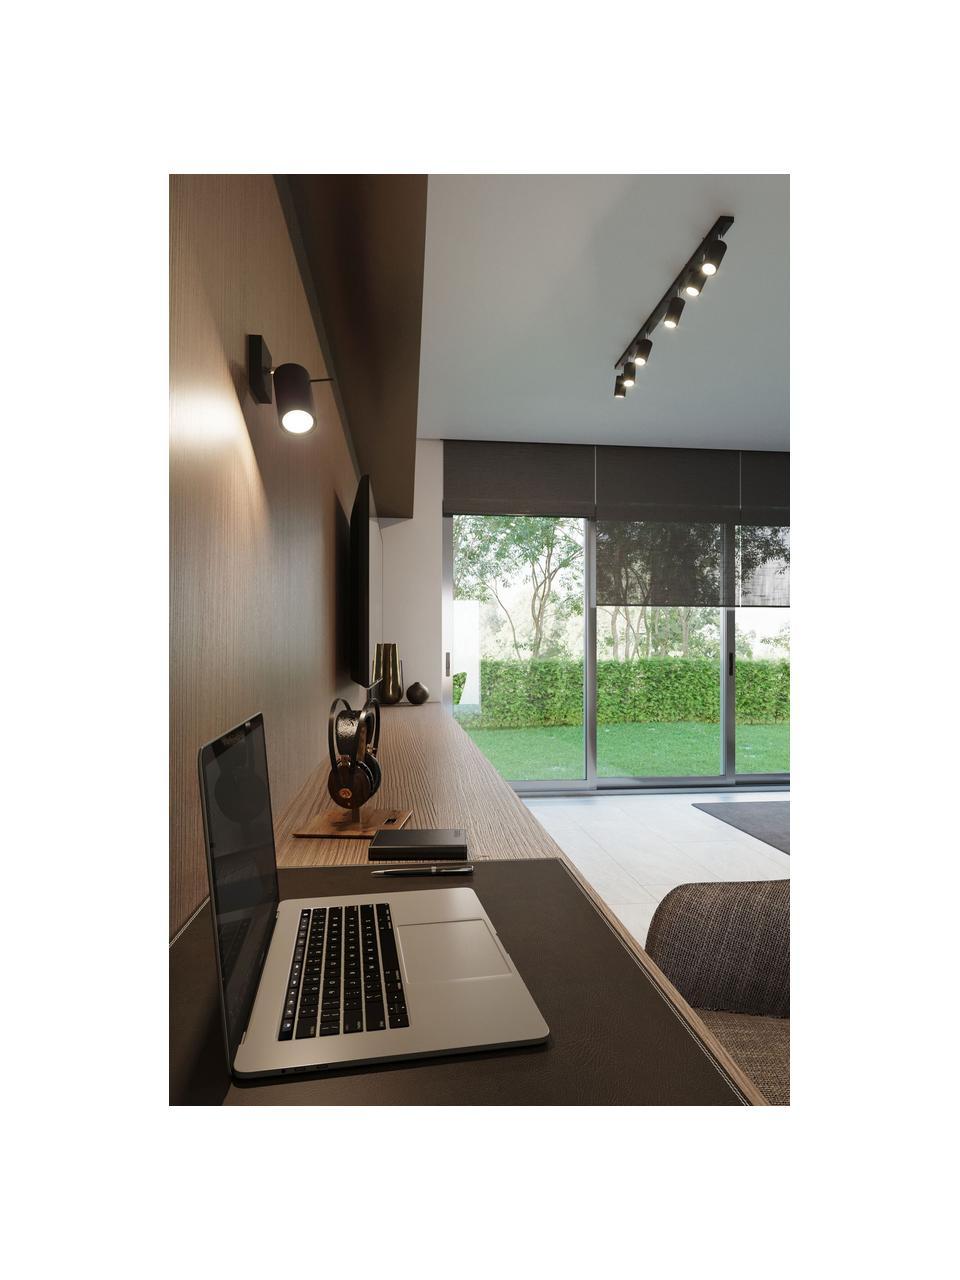 Wand- und Deckenstrahler Etna in Schwarz, Lampenschirm: Stahl, lackiert, Schwarz, 8 x 15 cm